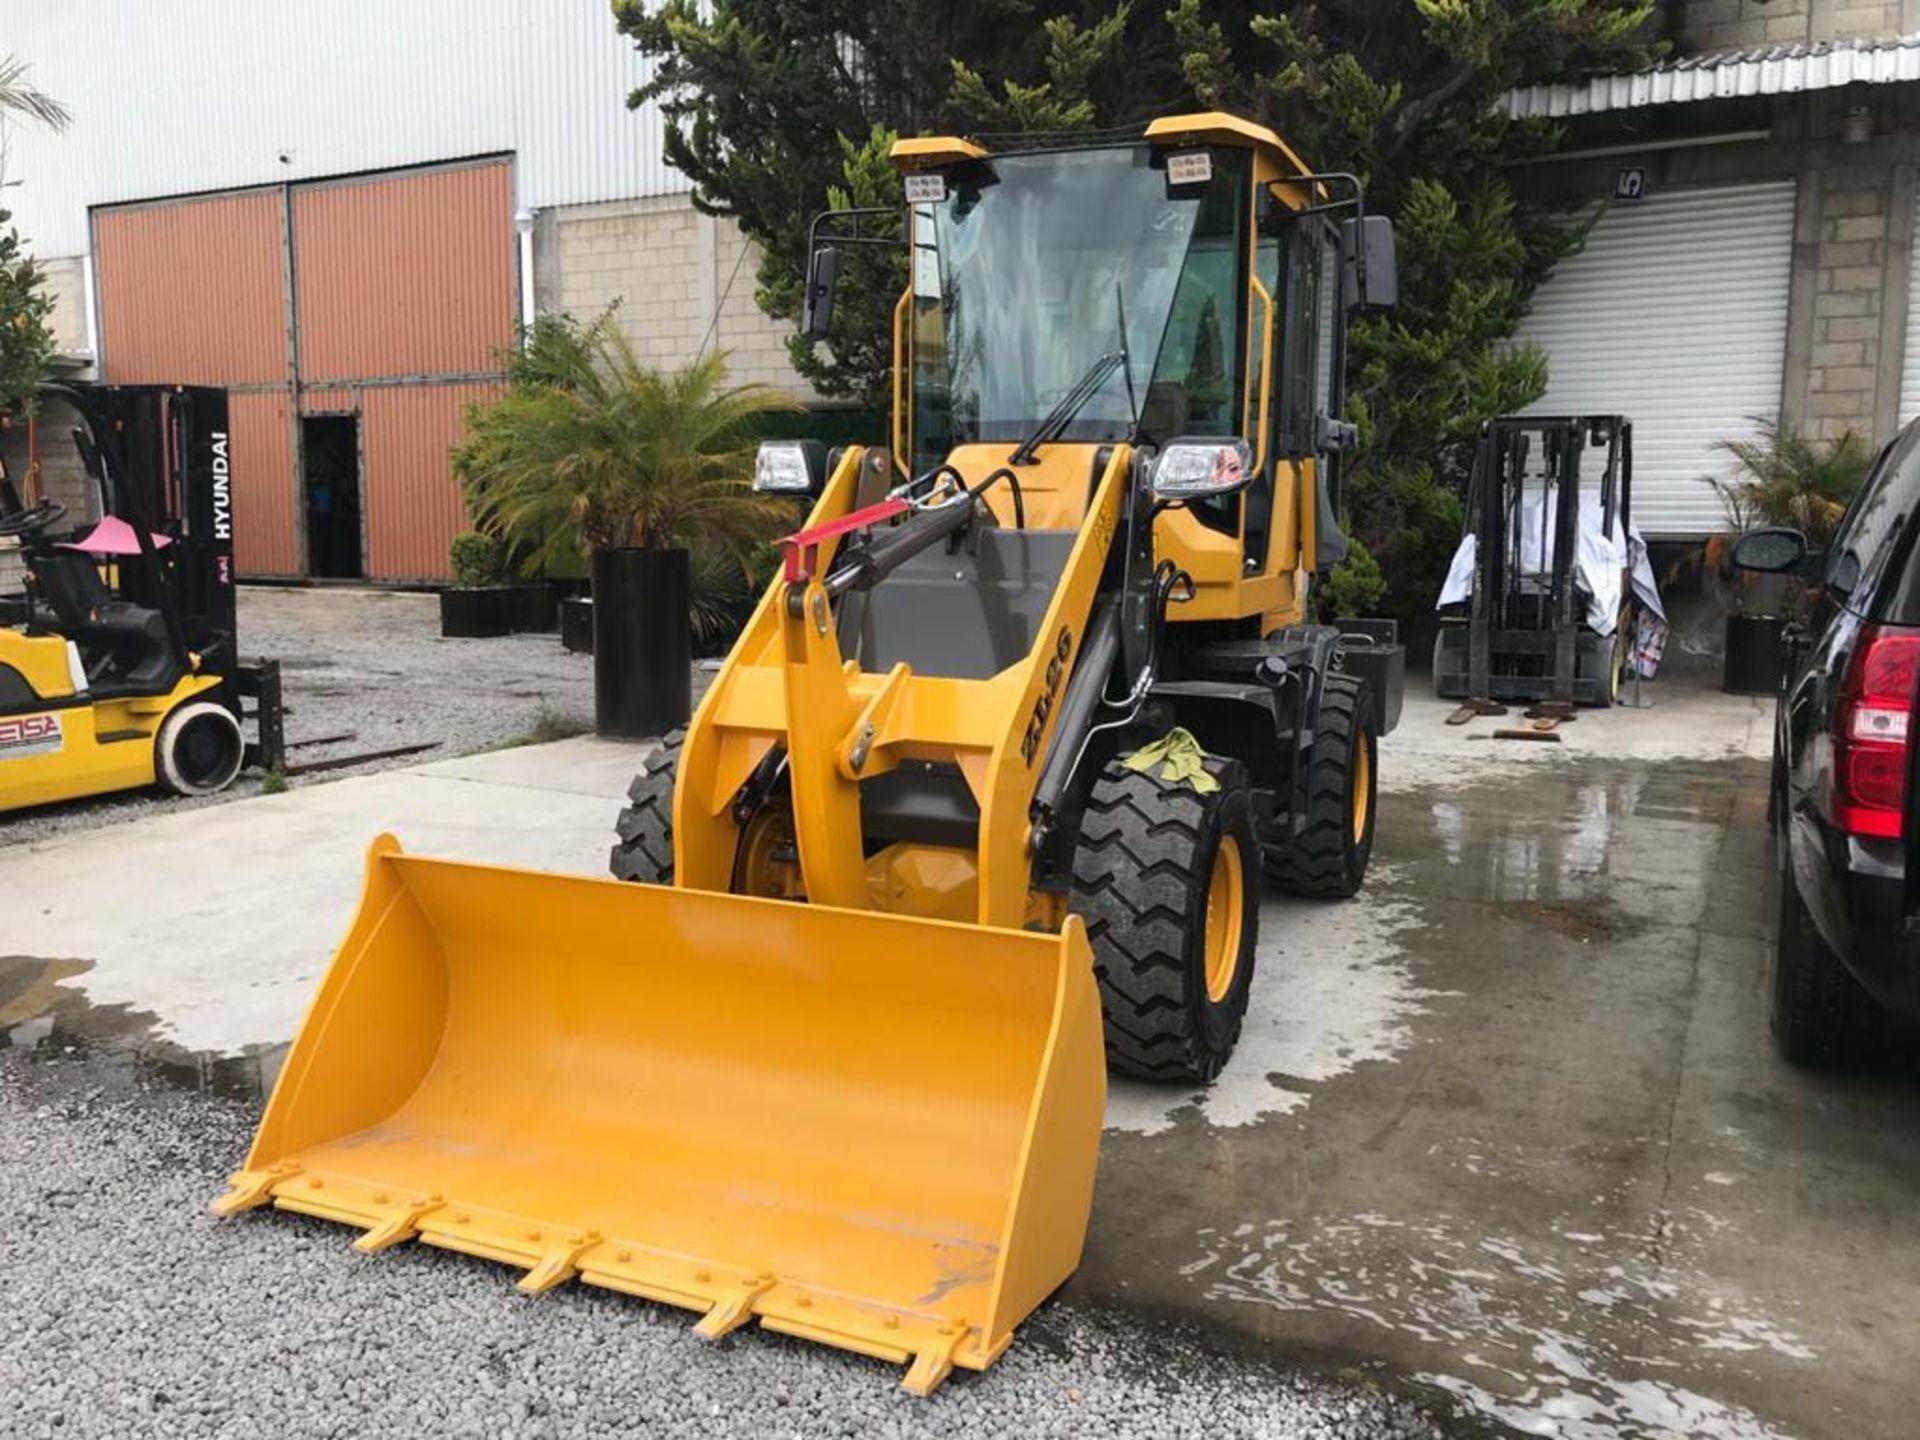 2020 Shang Ding (Wheel Loader) ZL26 Front Loader Serial number 200711437, Loading capacity 1,500 kg - Image 6 of 17